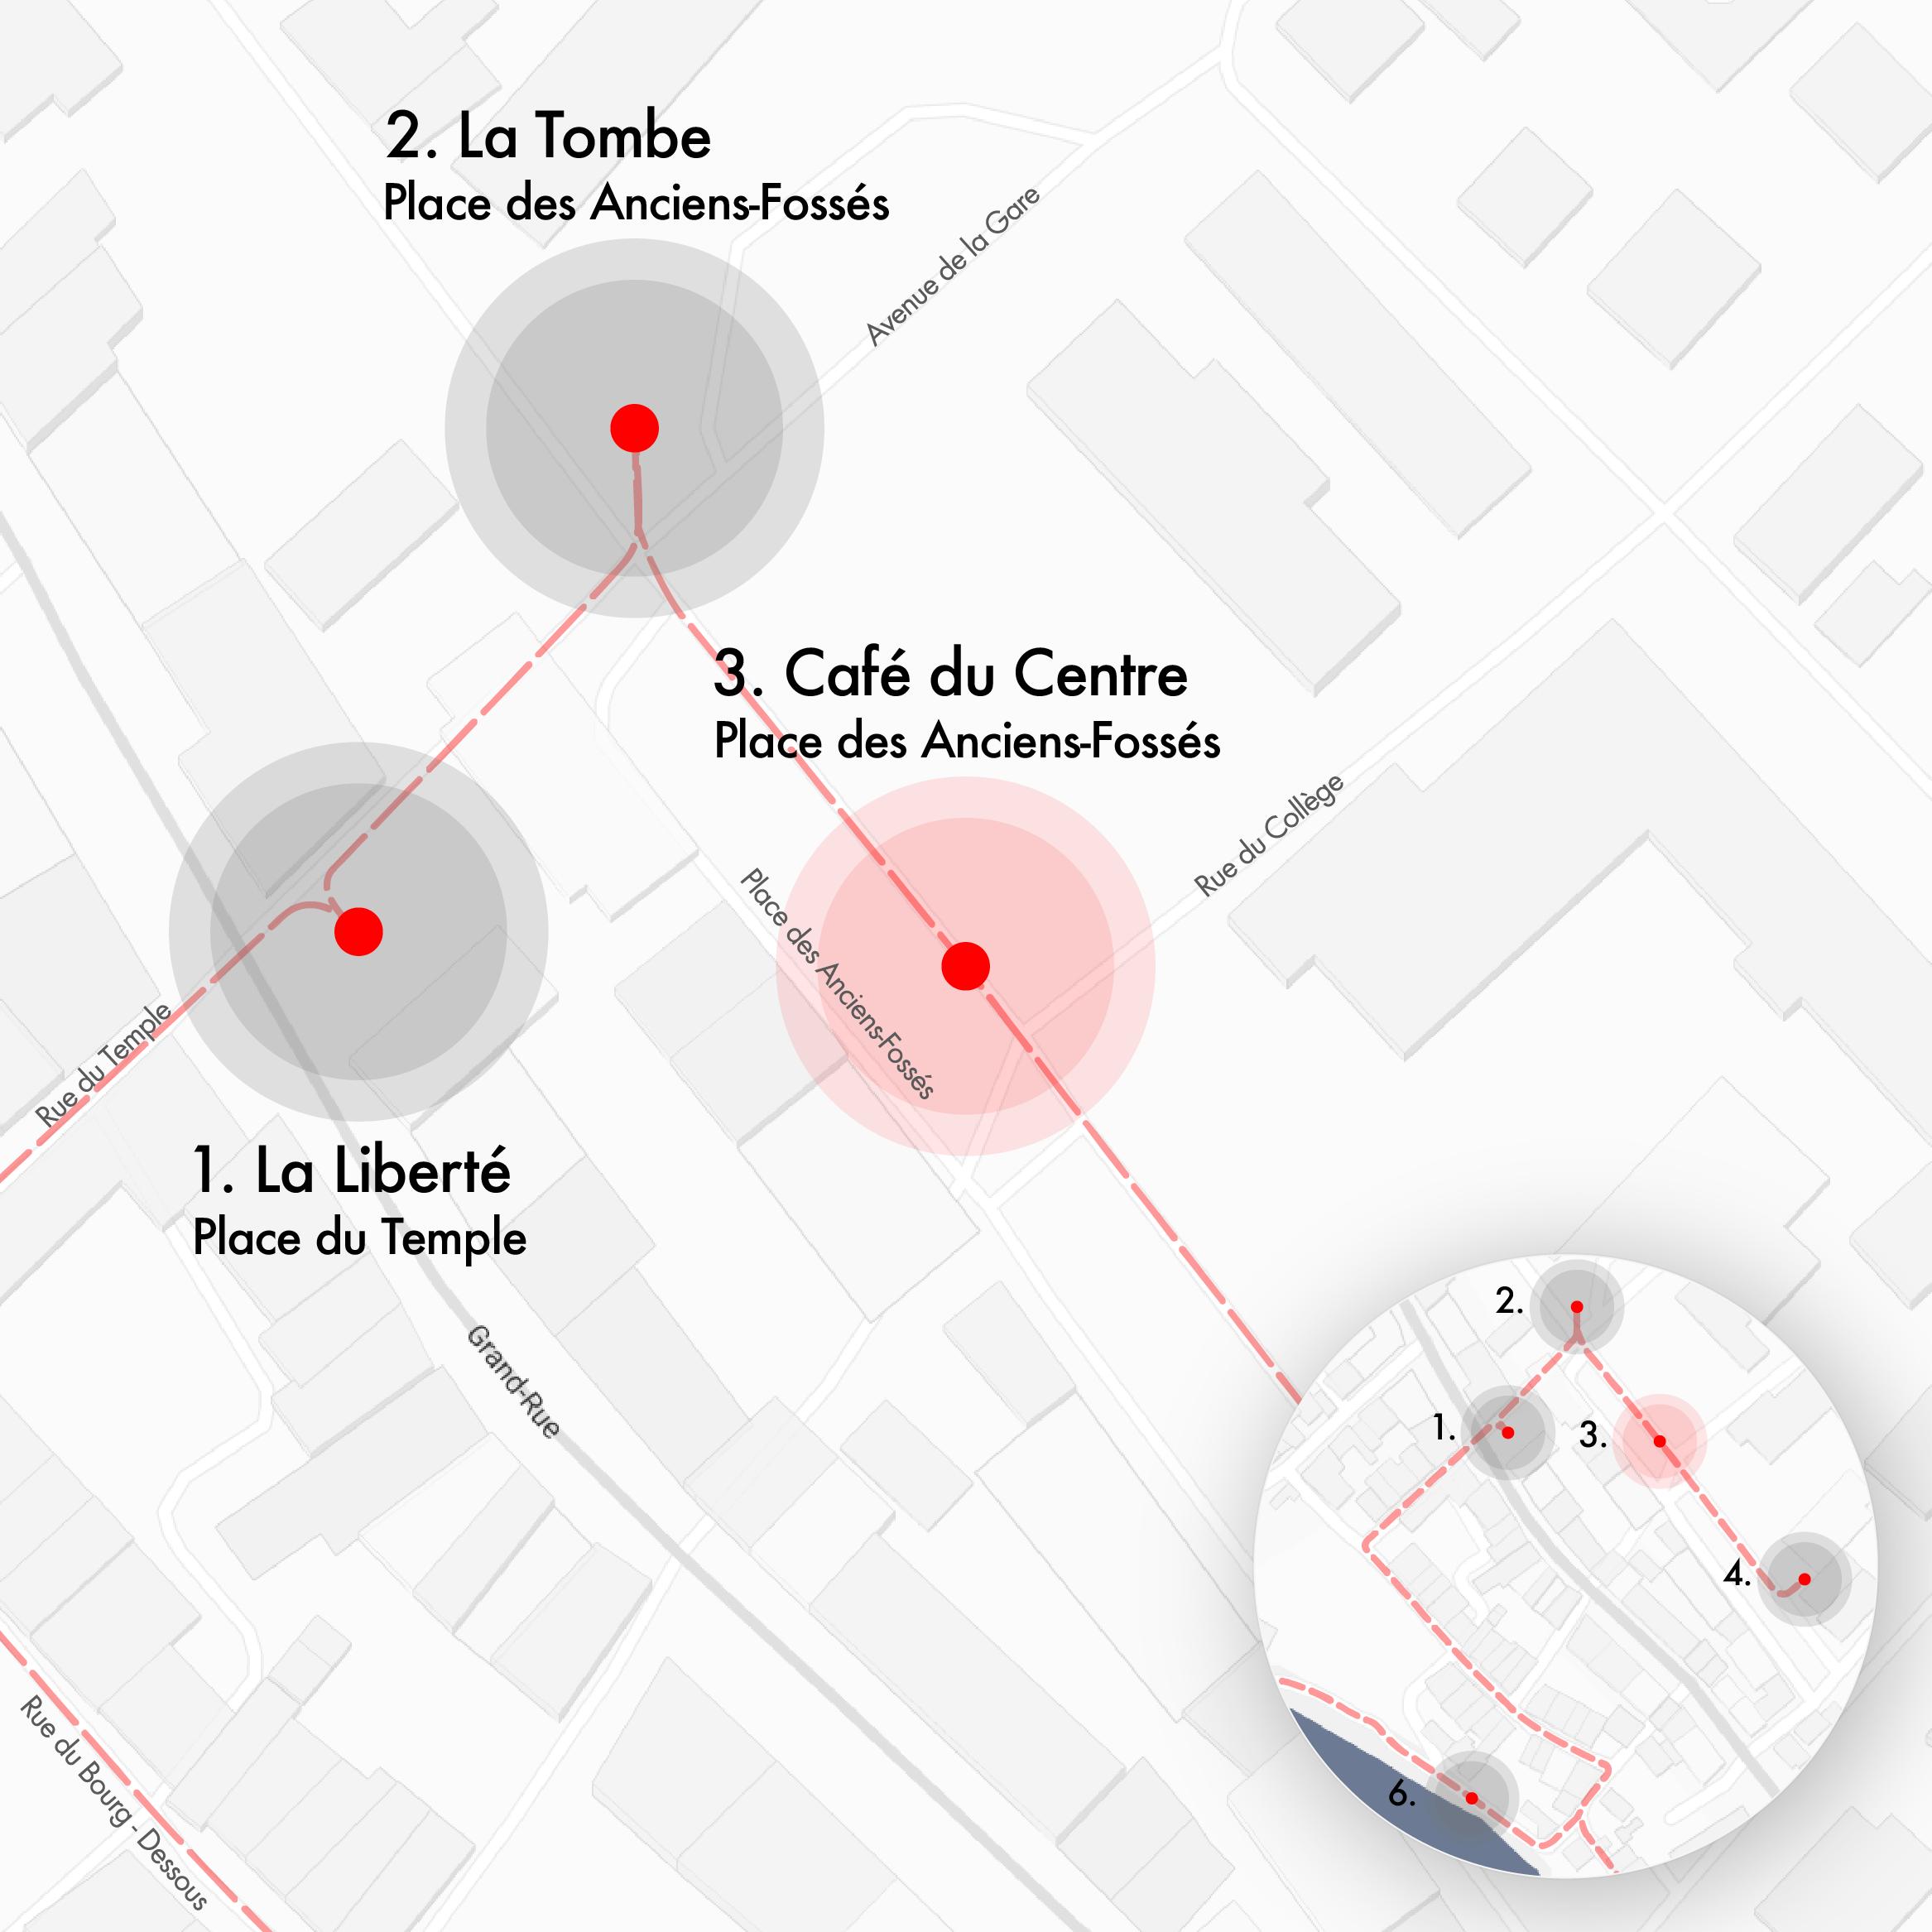 3. Le Café du Centre